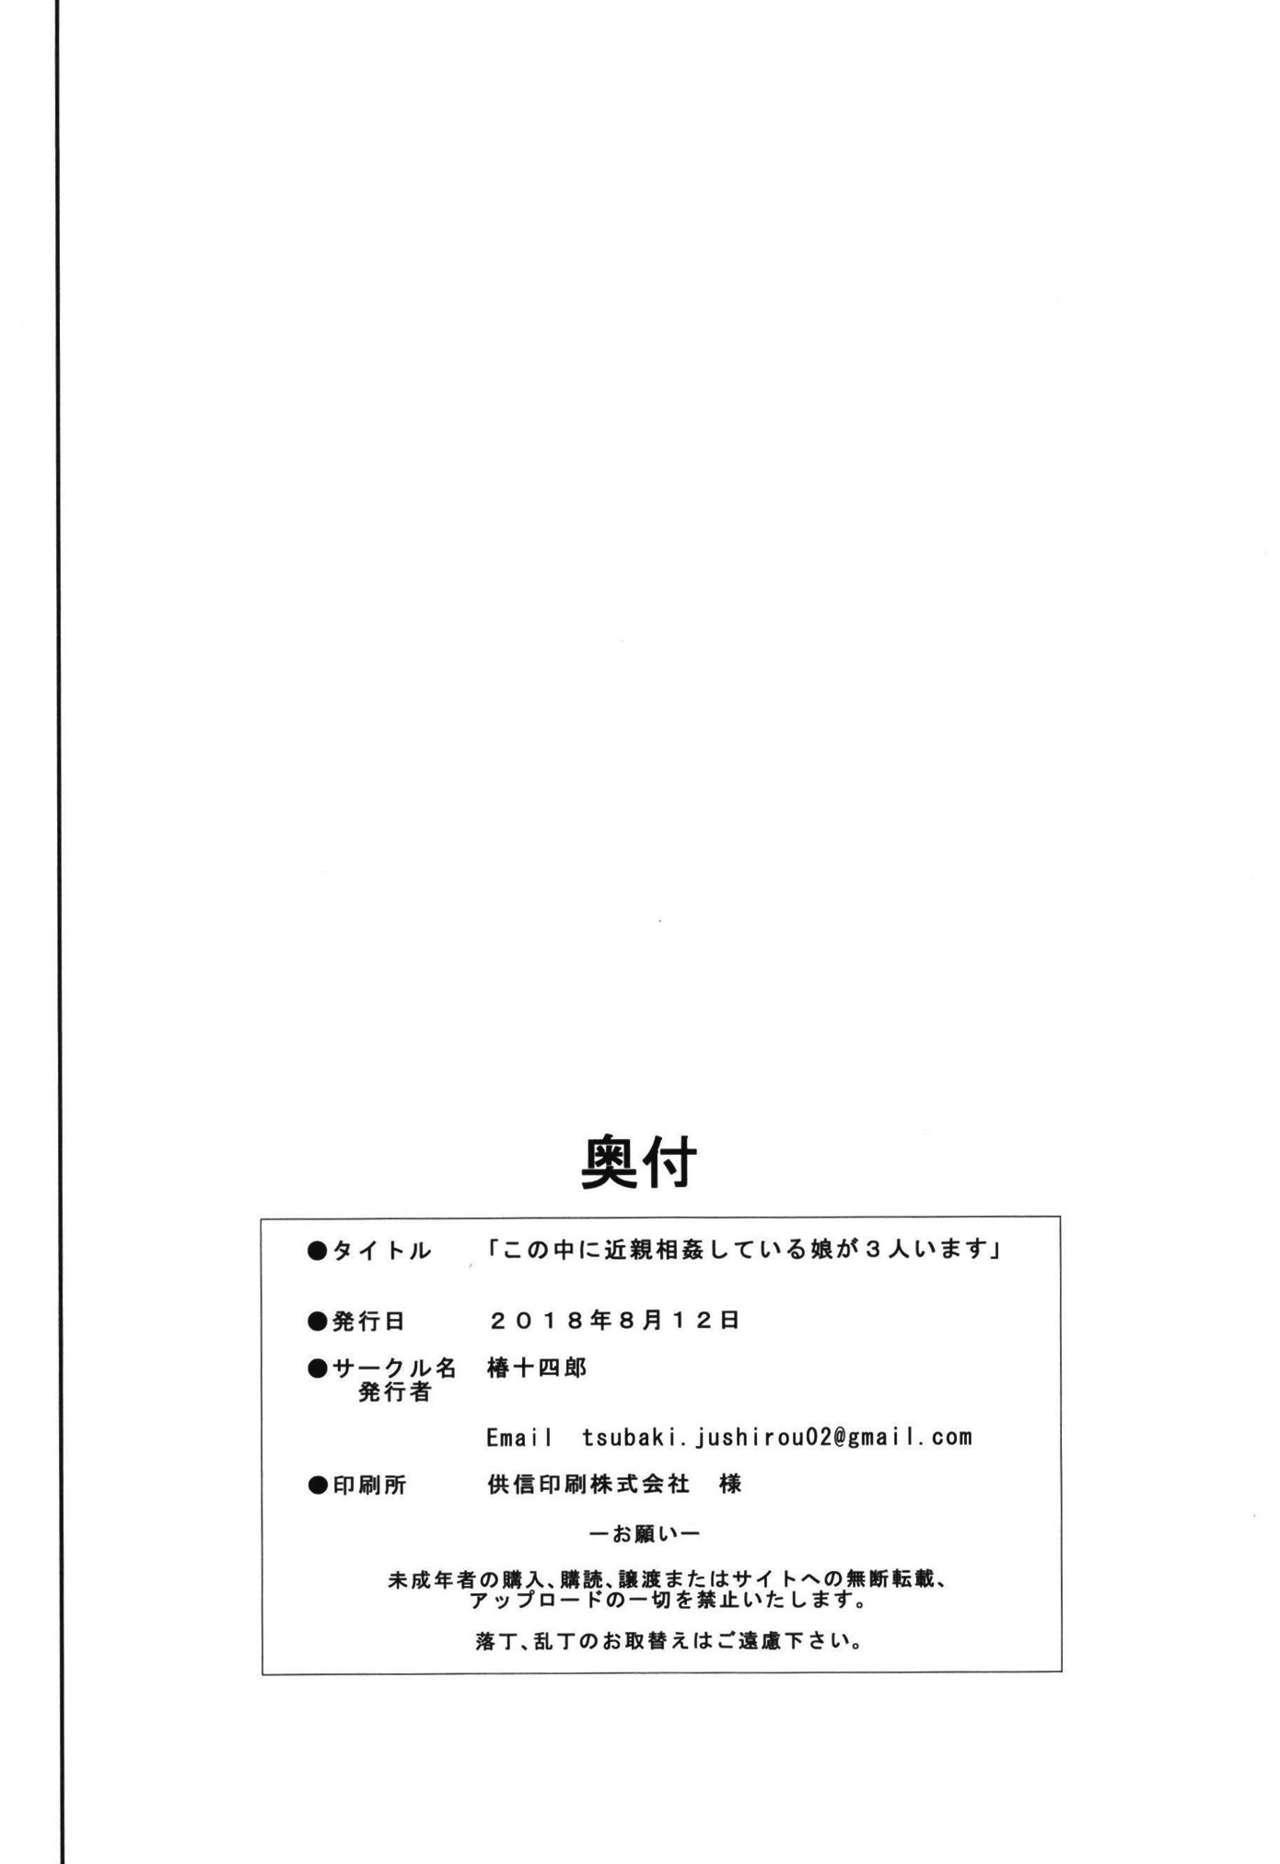 Kono Naka ni Kinshin Soukan Shiteiru Musume ga 3-nin Imasu #1 29